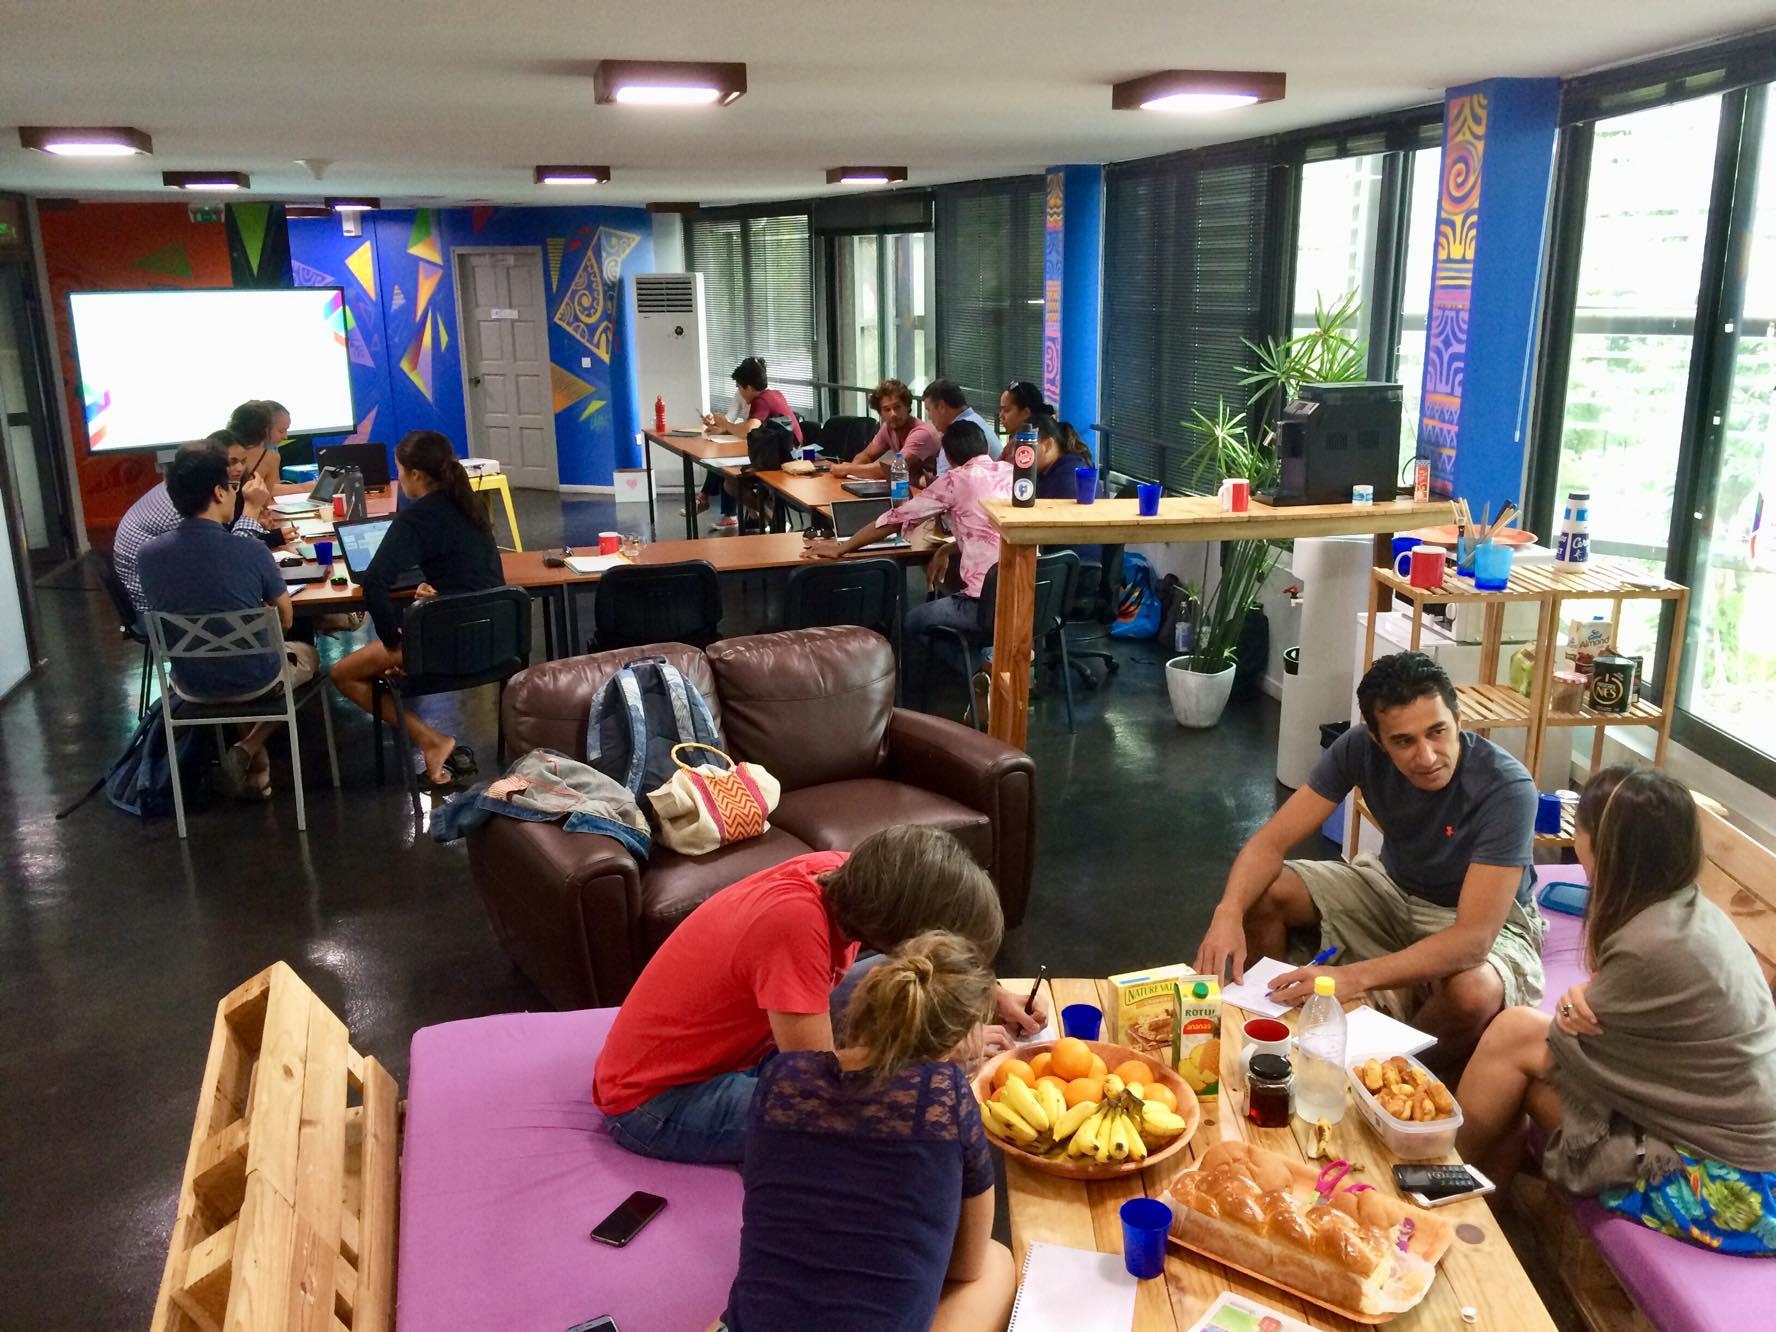 14 entrepreneurs ont pu participer à ce  Bootcamp organisé par Prism et ainsi bénéficier de deux jours de coaching intensif pour travailler sur leur business model, leur proposition de valeur, leur pitch... Tout ce qu'il faut pour passer devant le jury final qui en a finalement retenu huit.